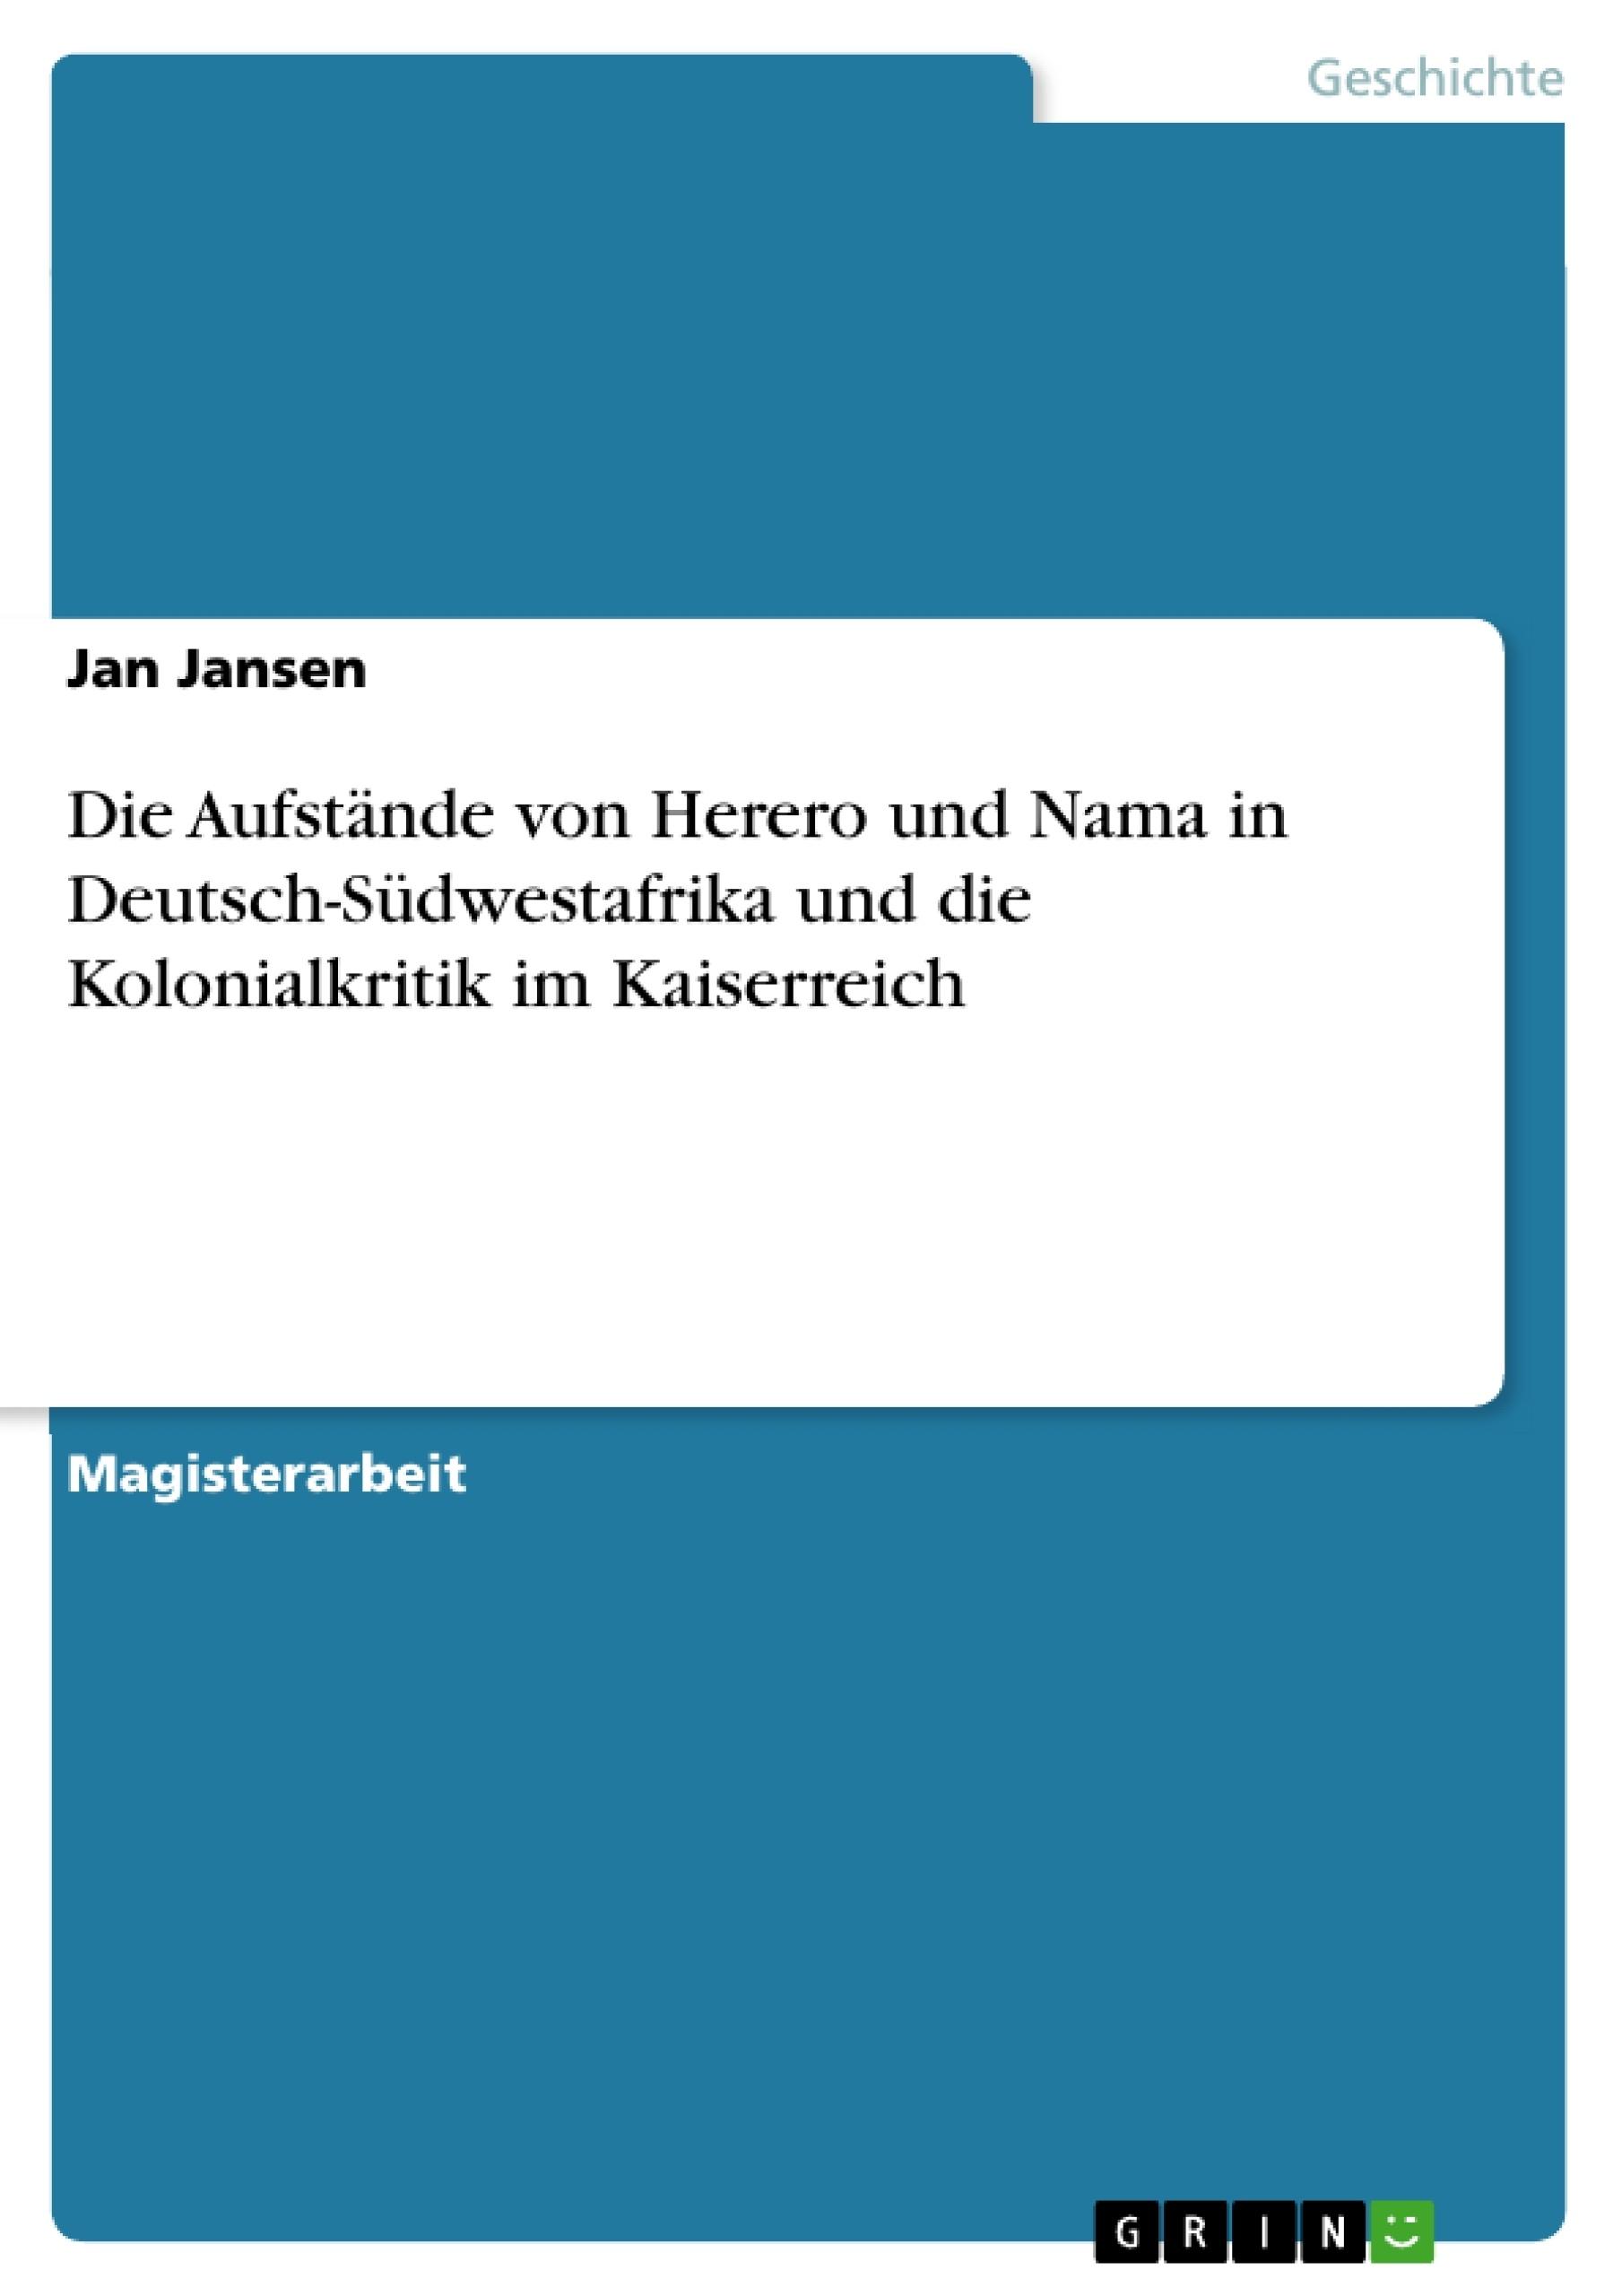 Titel: Die Aufstände von Herero und Nama in Deutsch-Südwestafrika und die Kolonialkritik im Kaiserreich